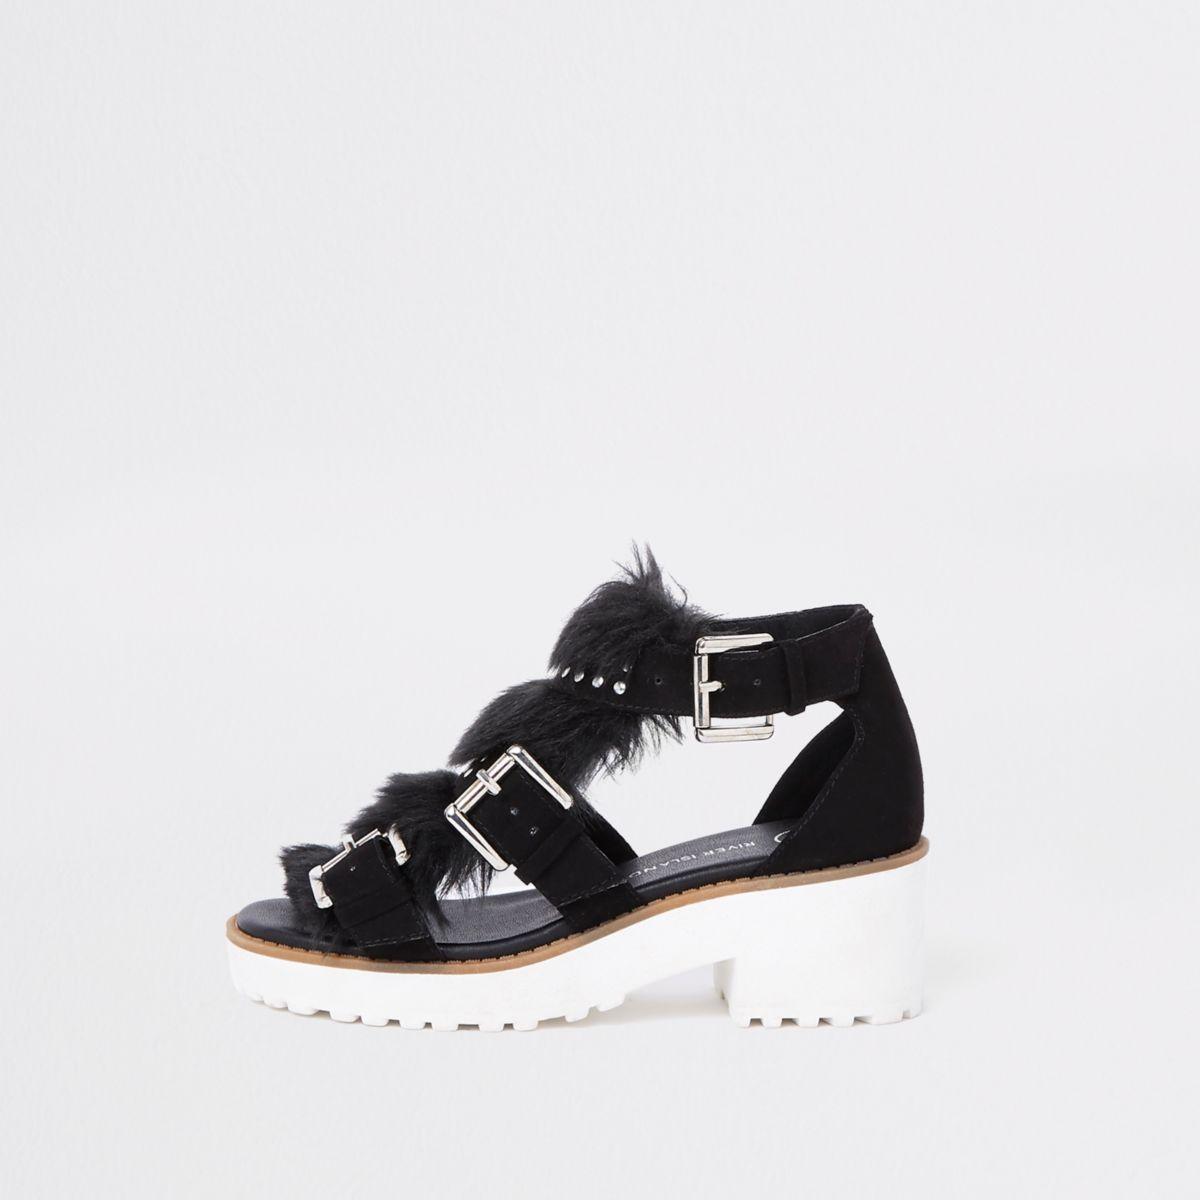 Girls black stud fur trim clumpy sandals